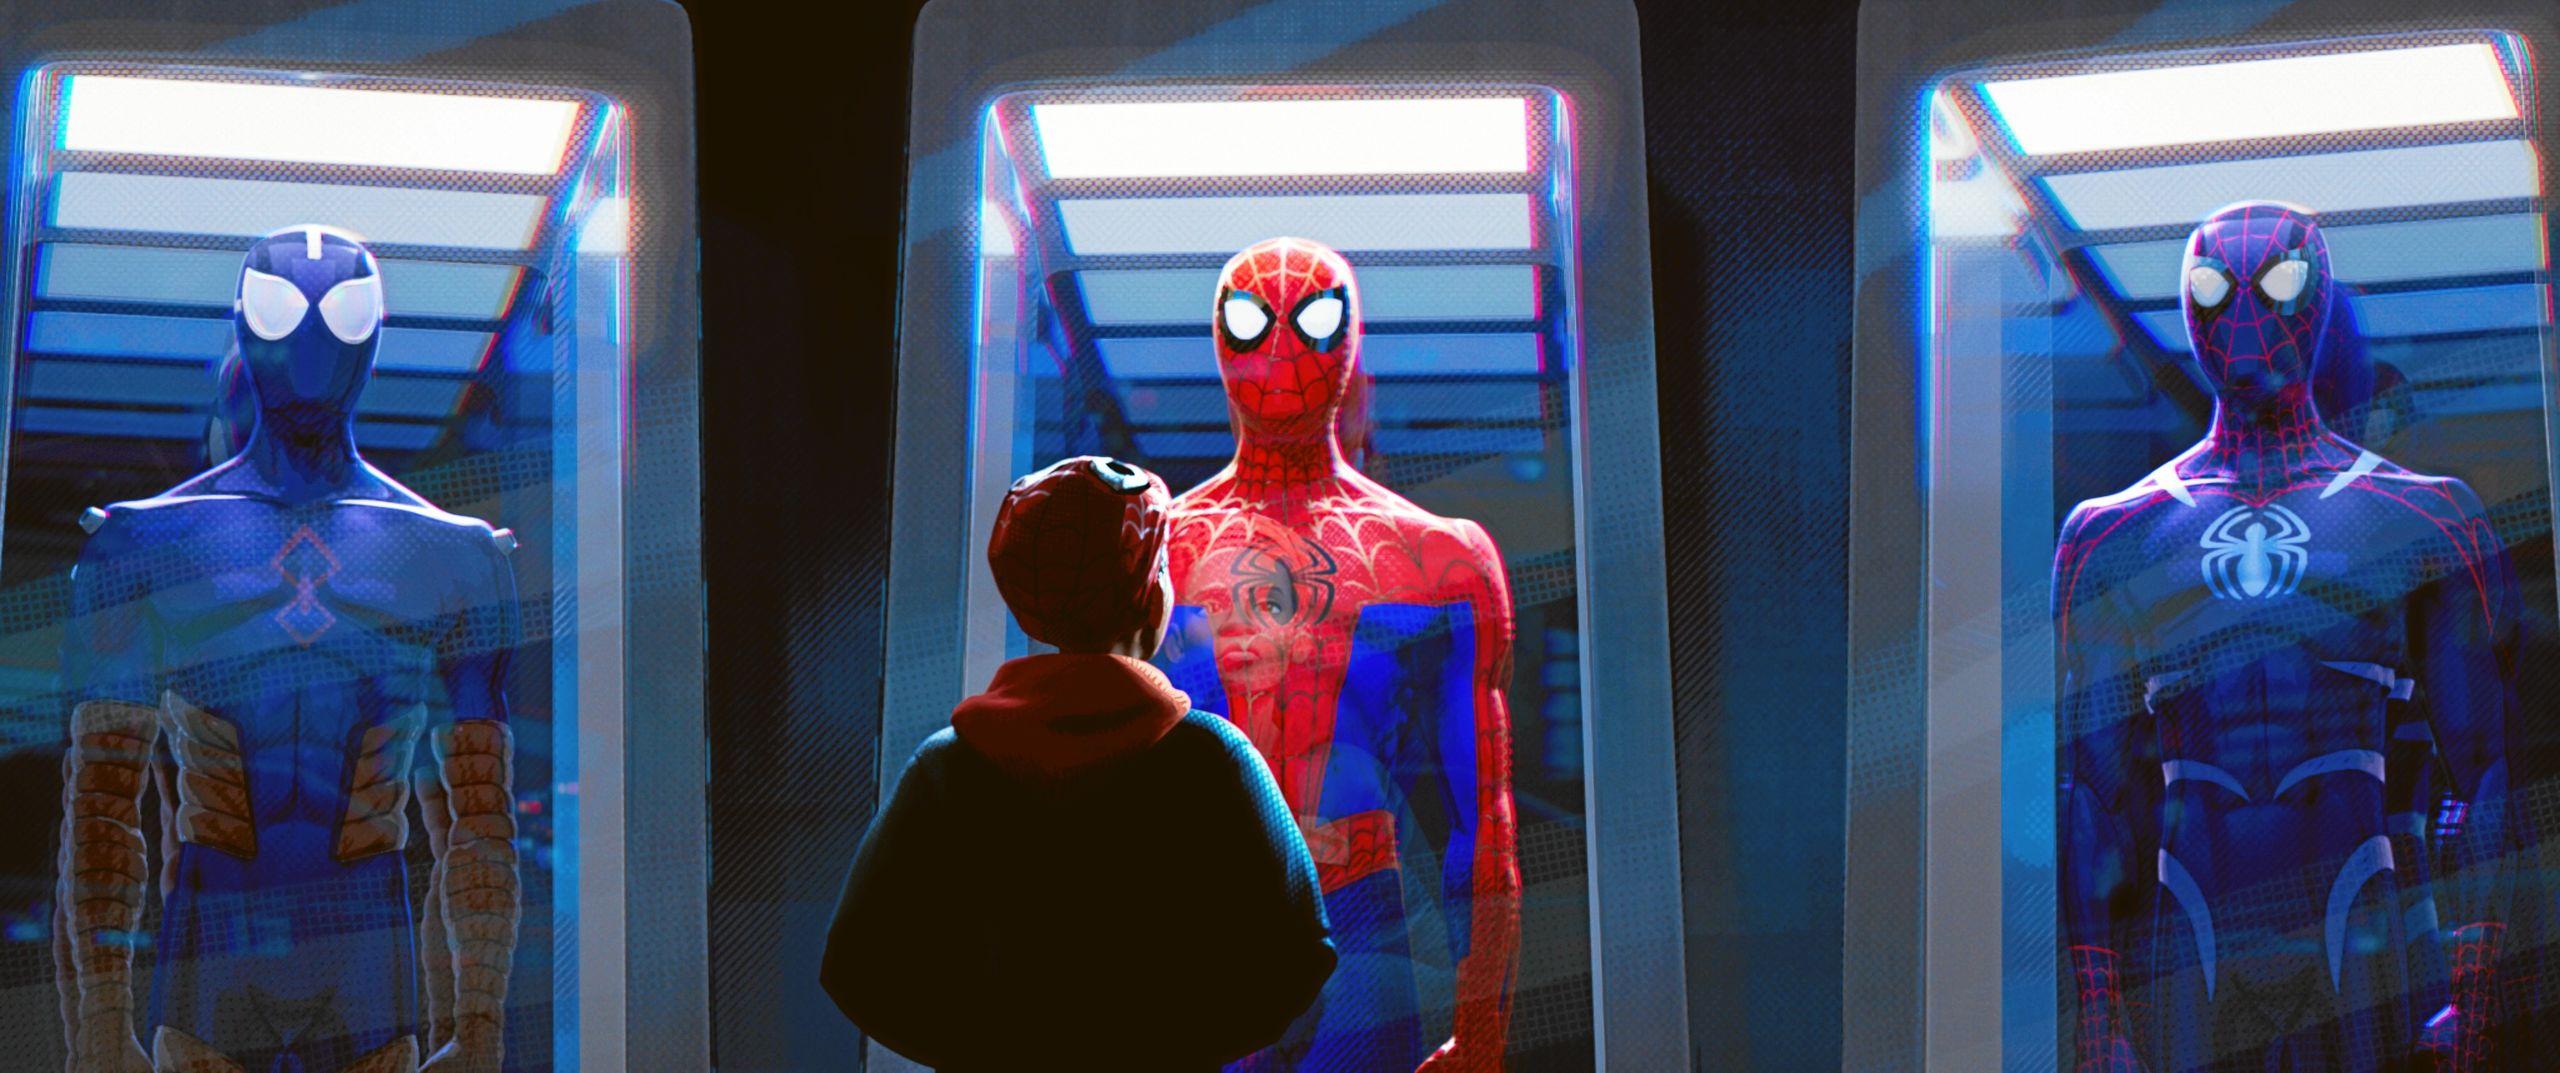 Ny Spider-Man film: Som at træde direkte ind i en levende tegneserie